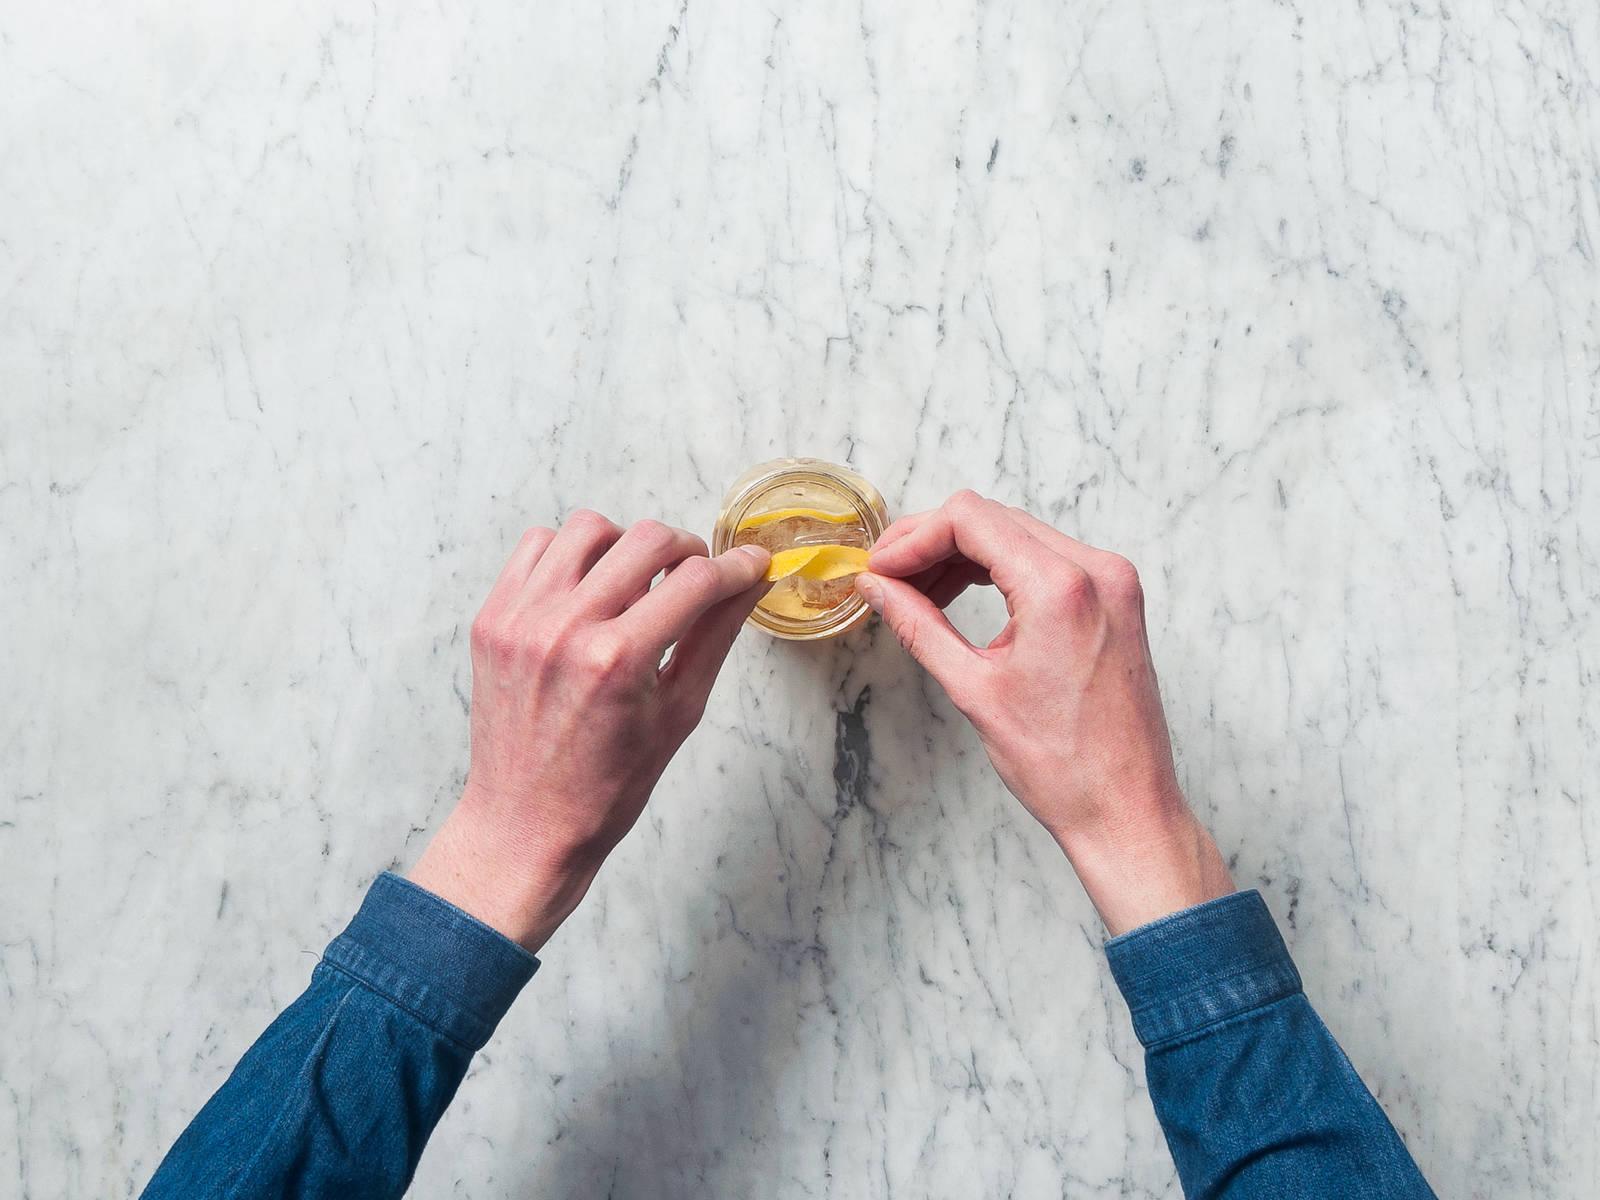 饰以柠檬皮或柠檬片。干杯!